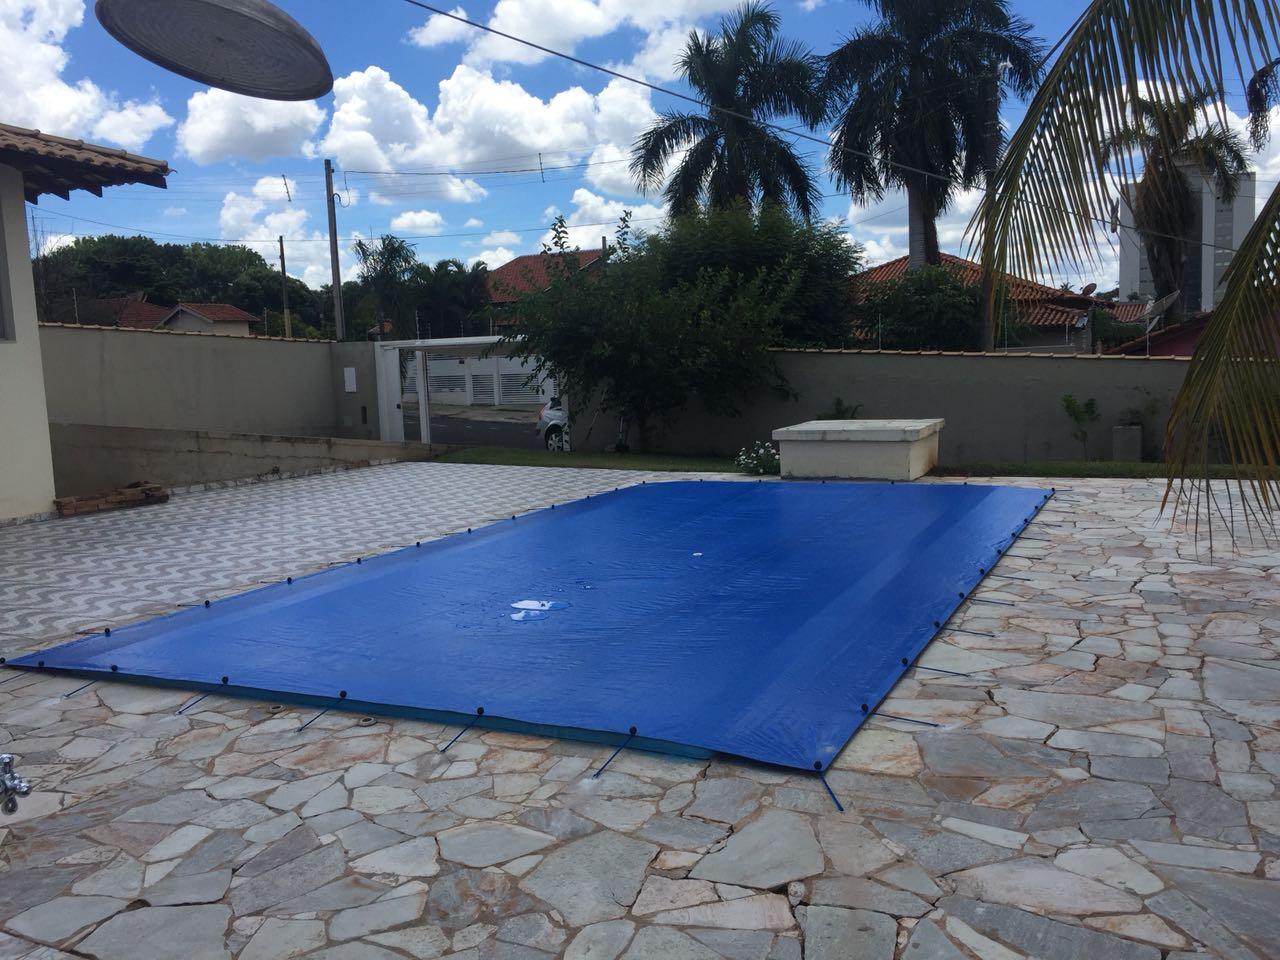 Capa para Piscina Proteção Azul 300 Micras - 12x7,5